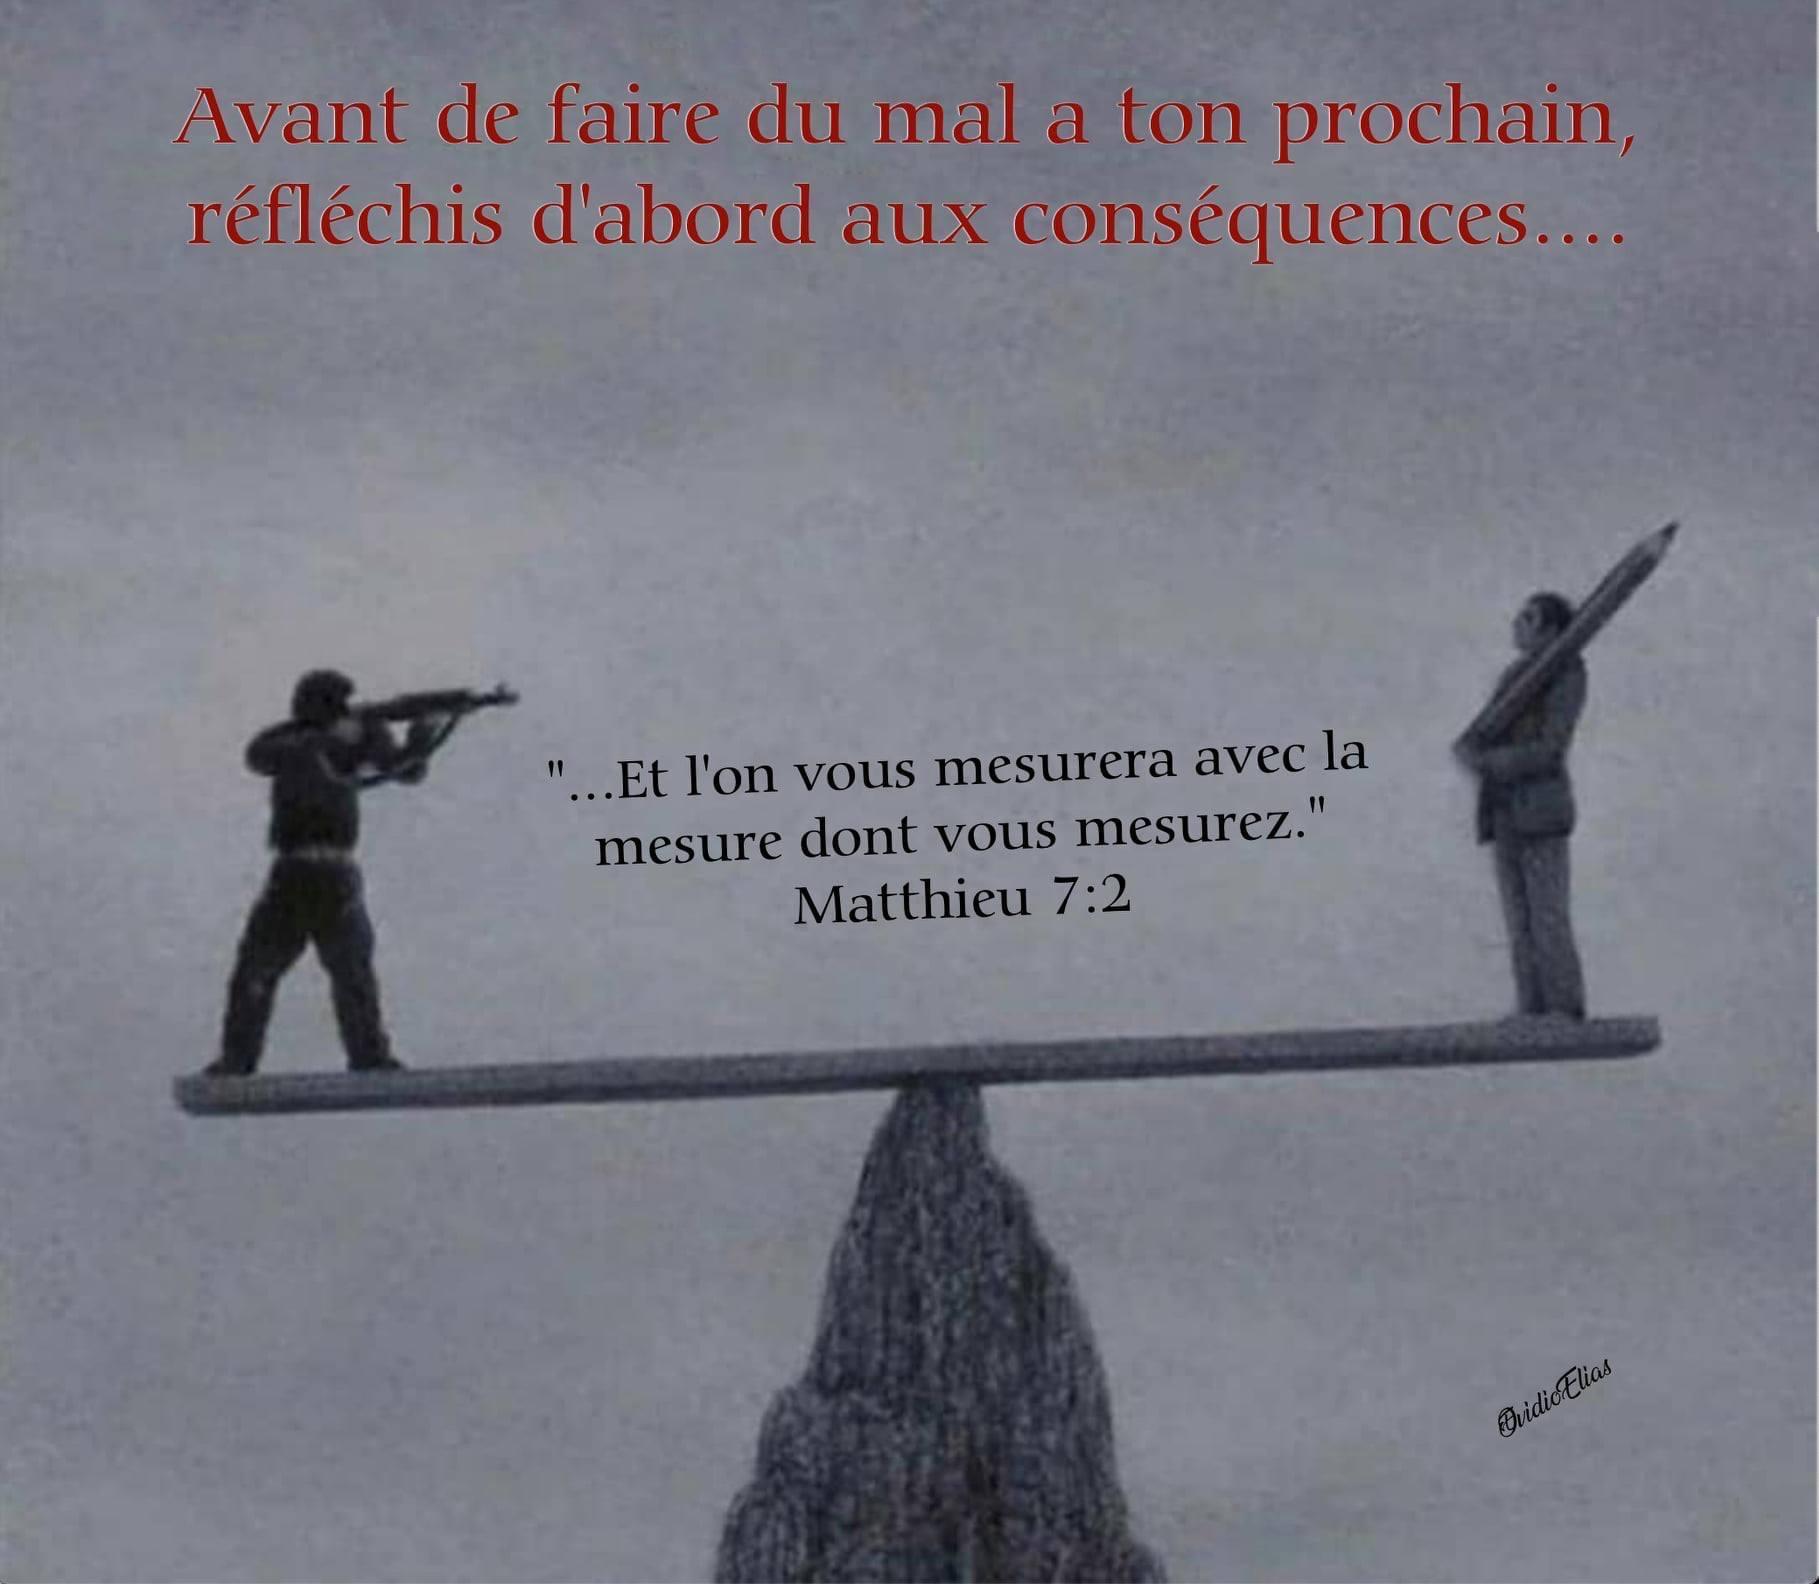 matthieu 7:2